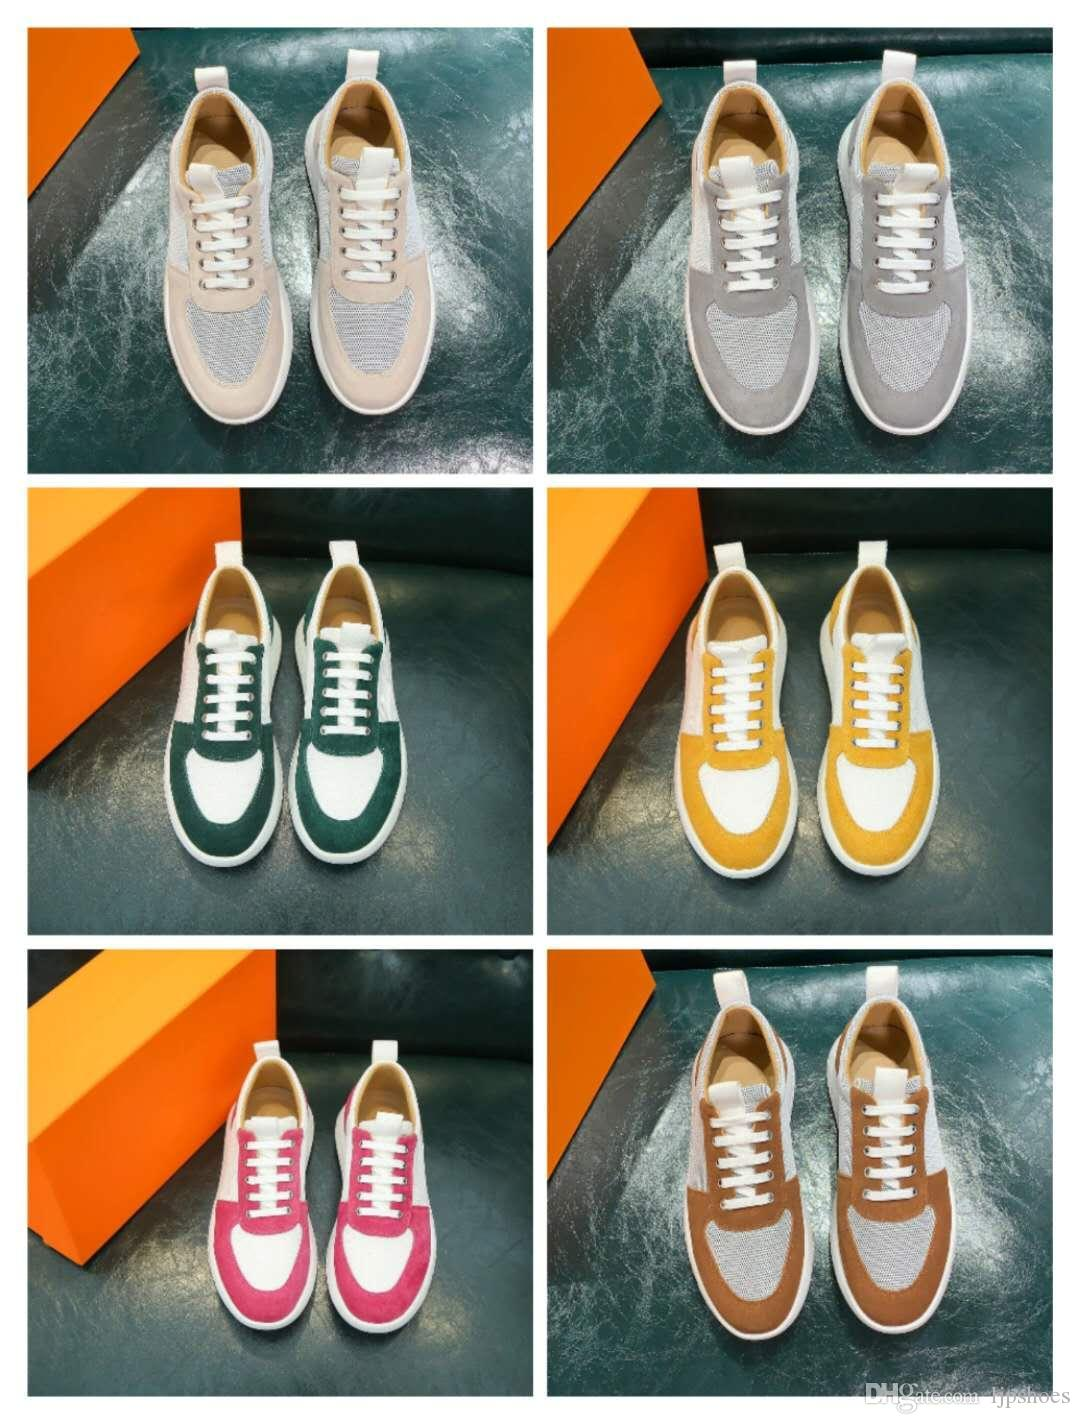 2021 Nuova scarpe casual da uomo di lusso a caldo scarpe da uomo ad alta tecnologia tela traspirante forma perfetta forma moda uomo da uomo casual scarpe sportive